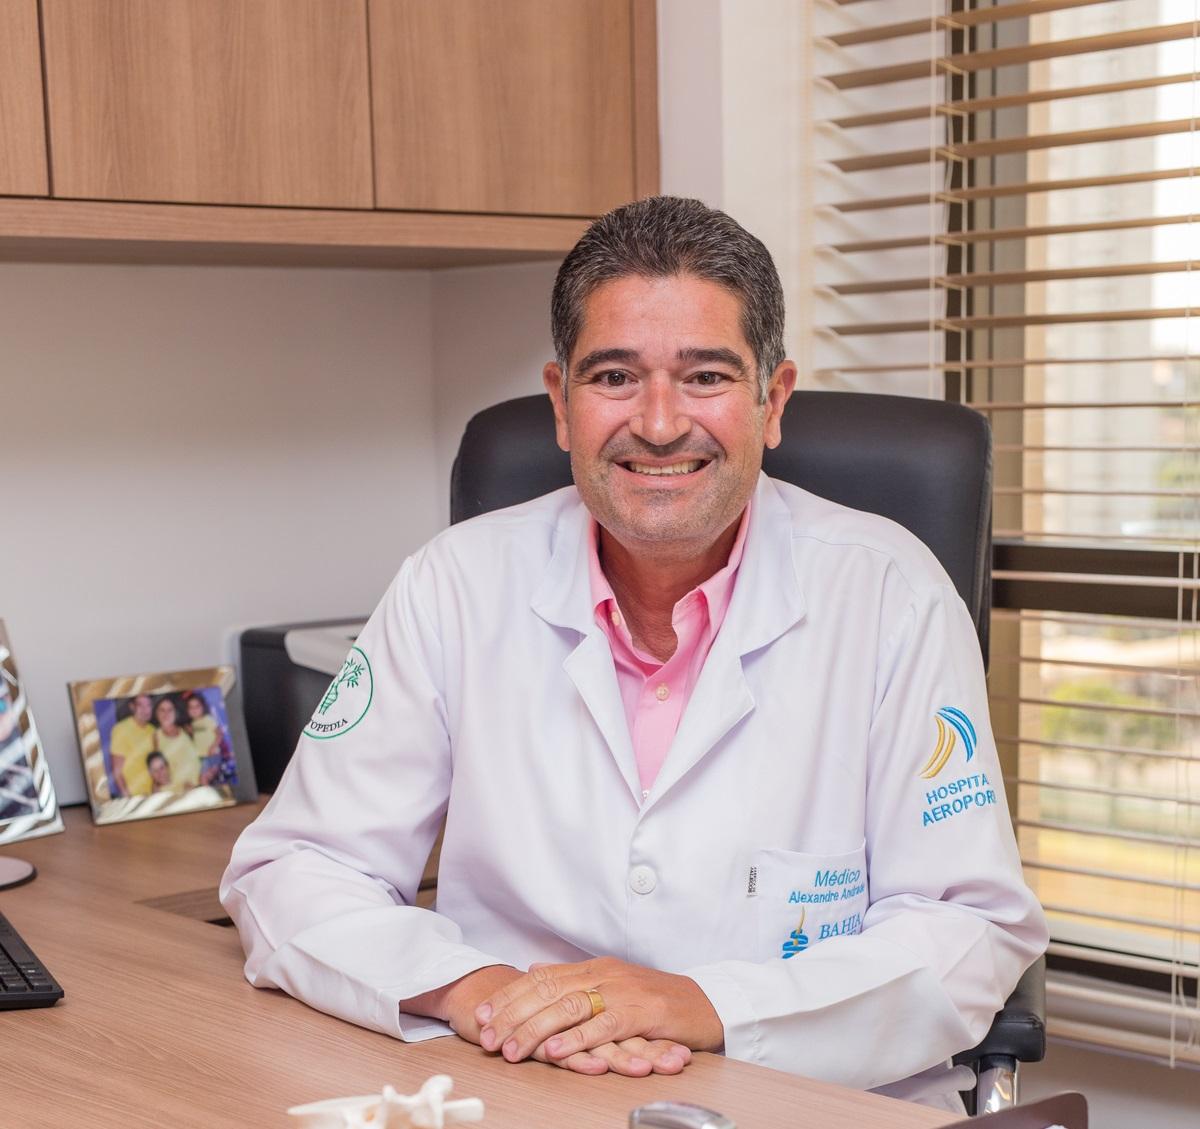 Dr. Alexandre Machado Andrade